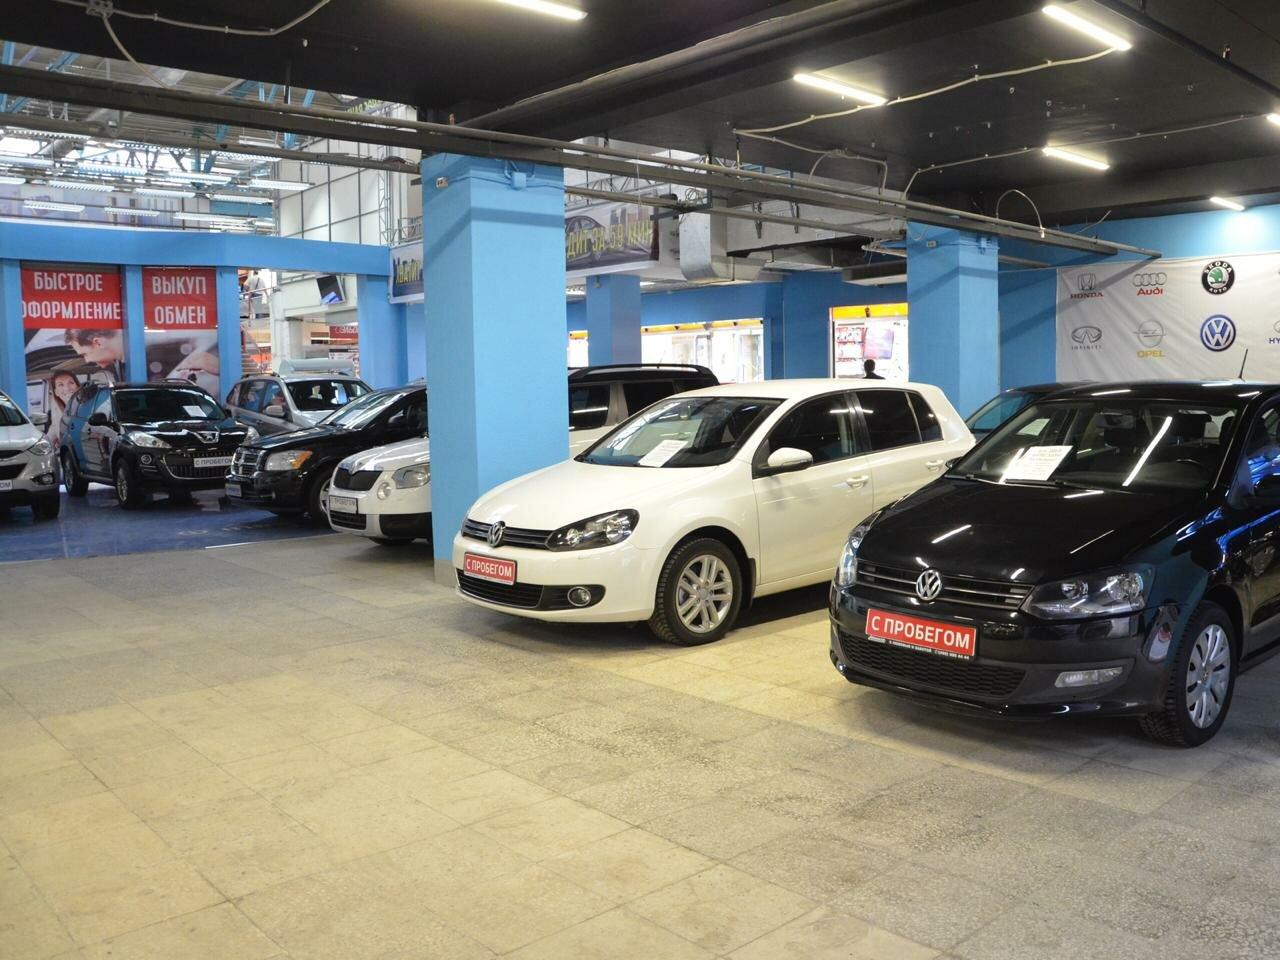 Продажа бу машин автосалонами москва как проверить автомобиль на предмет залога угона